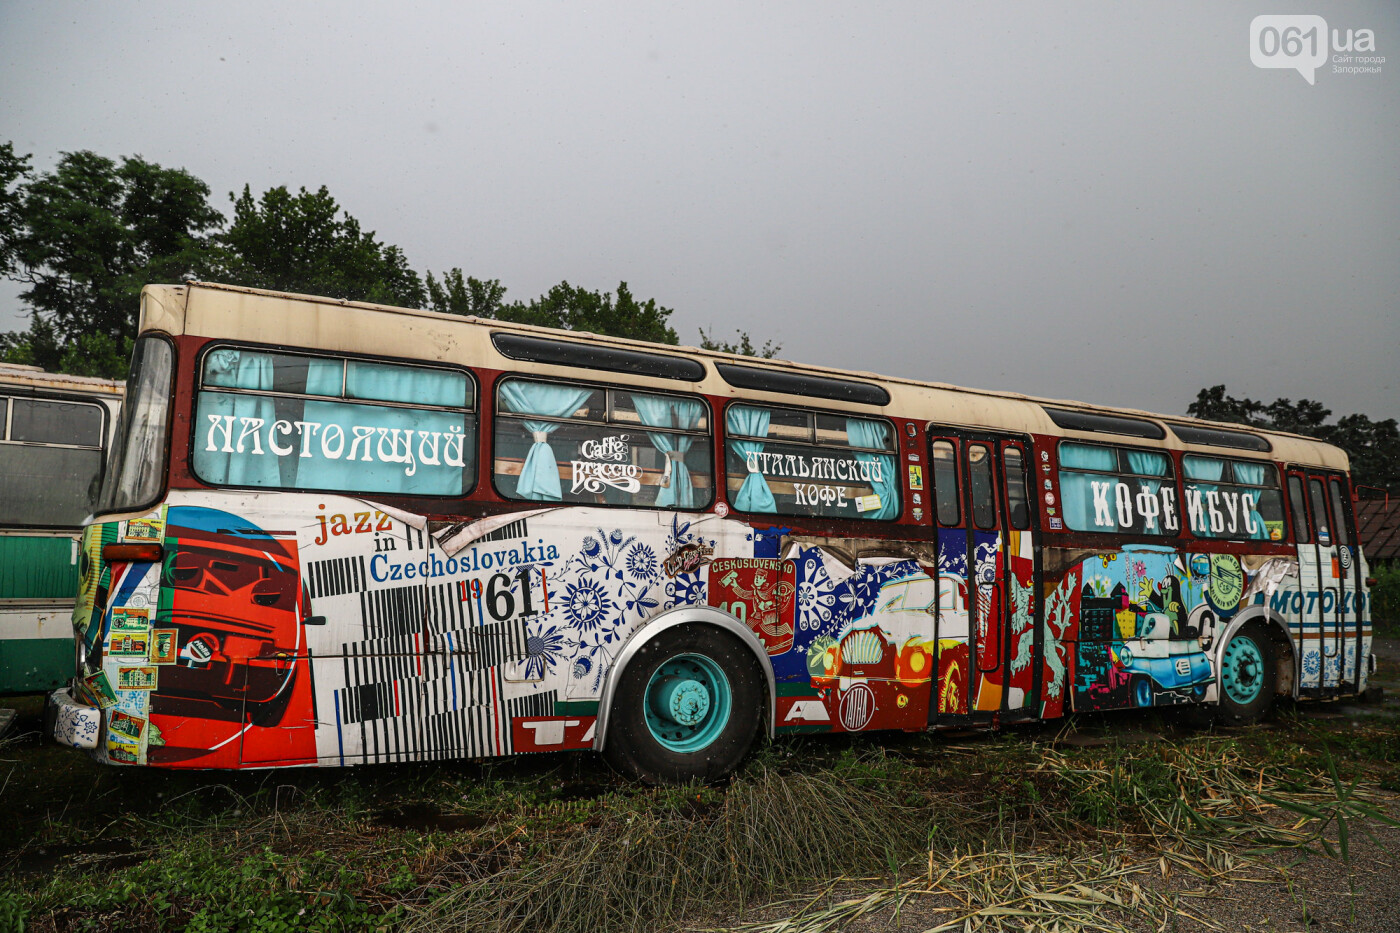 В Запорожье на месте зеленхоза одного из заводов появится Музей специального транспорта, - ФОТОРЕПОРТАЖ, фото-52